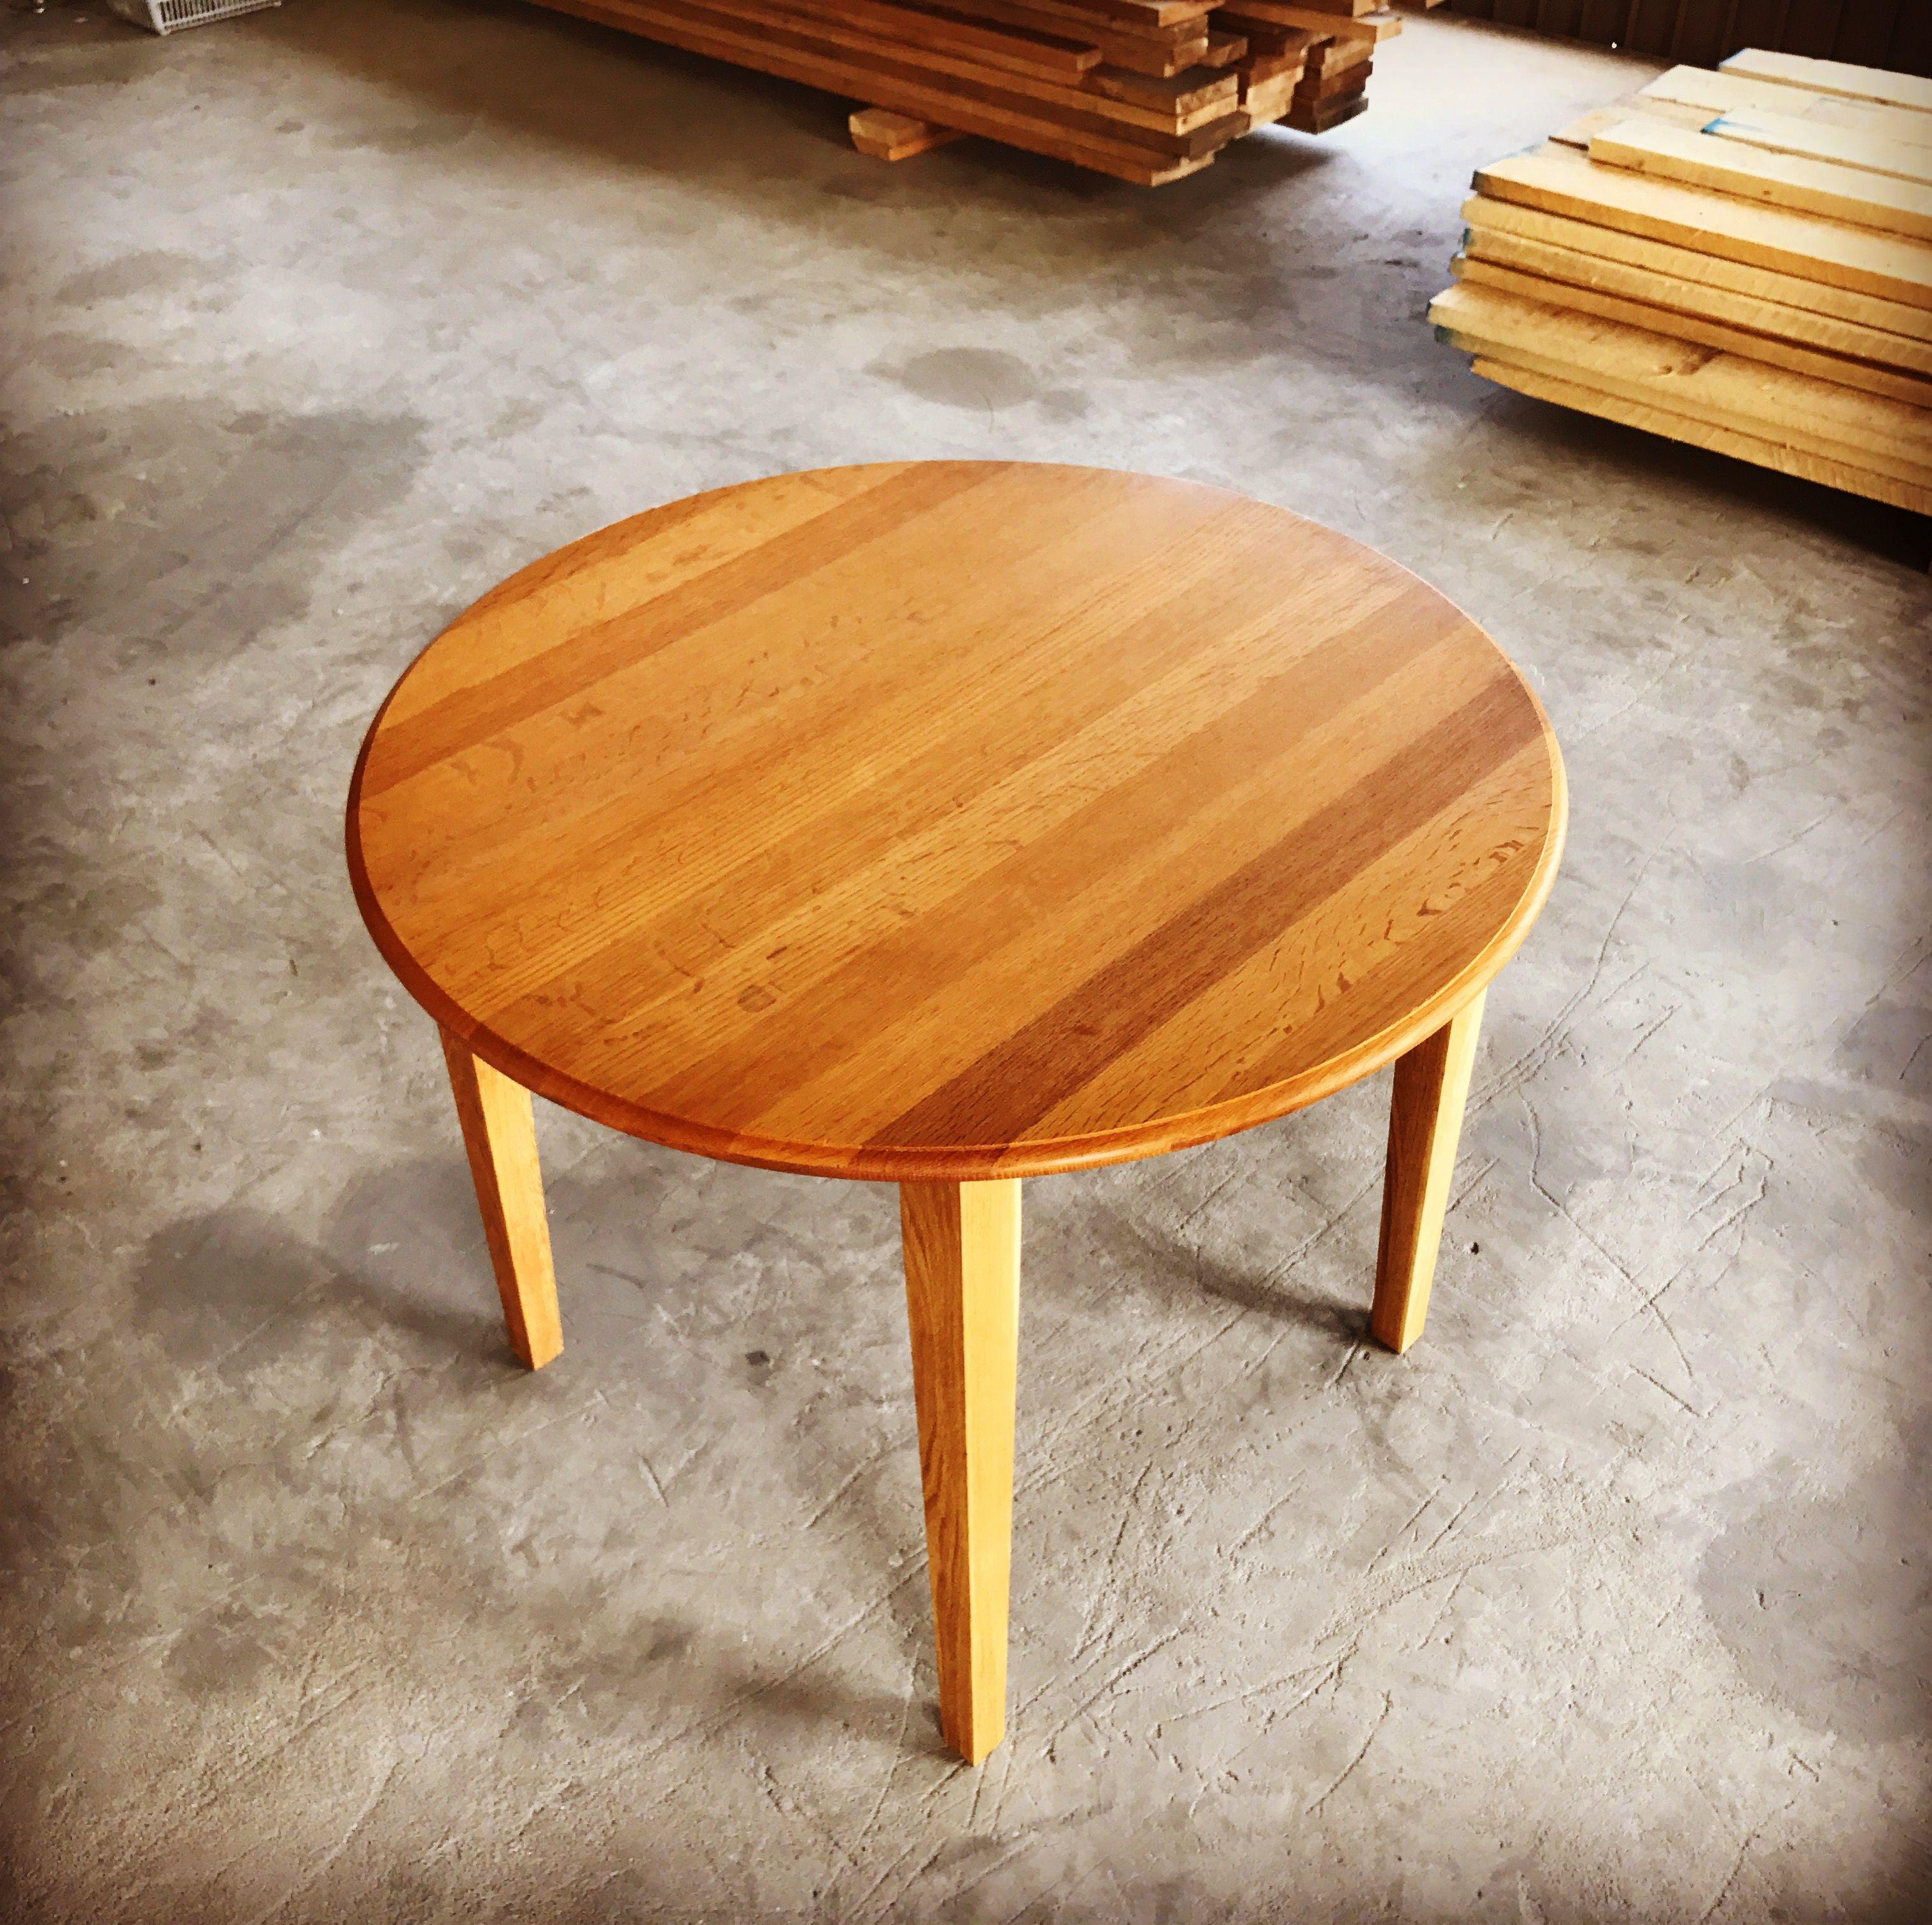 座卓をダイニングテーブルにリメイク